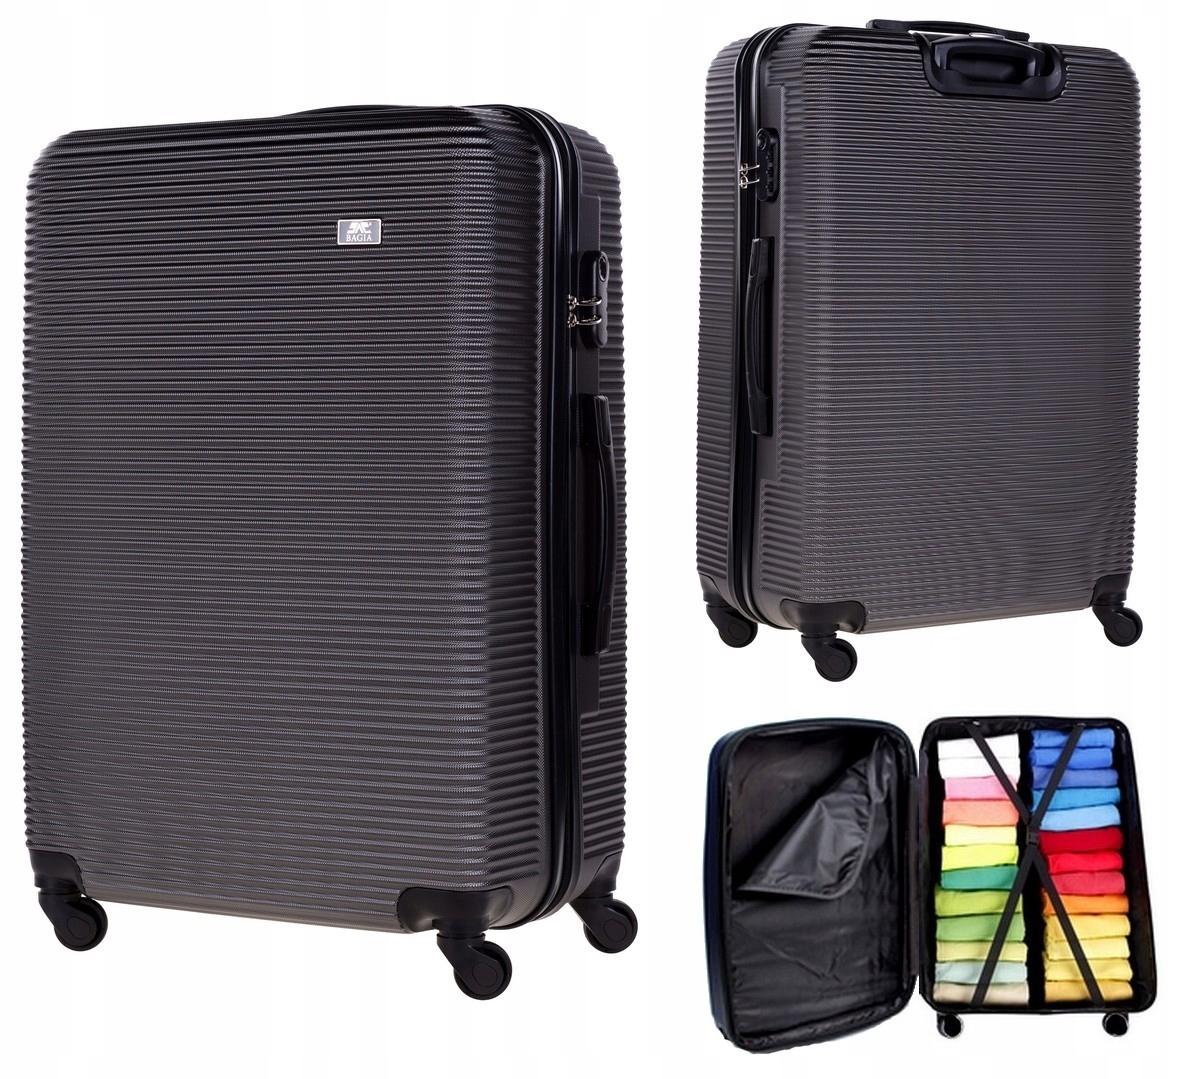 WALIZKA ŚREDNIA PODRÓŻNA KÓŁKA BAGAŻ EXCLUSIVE 808 Zawartość zestawu średnia walizka